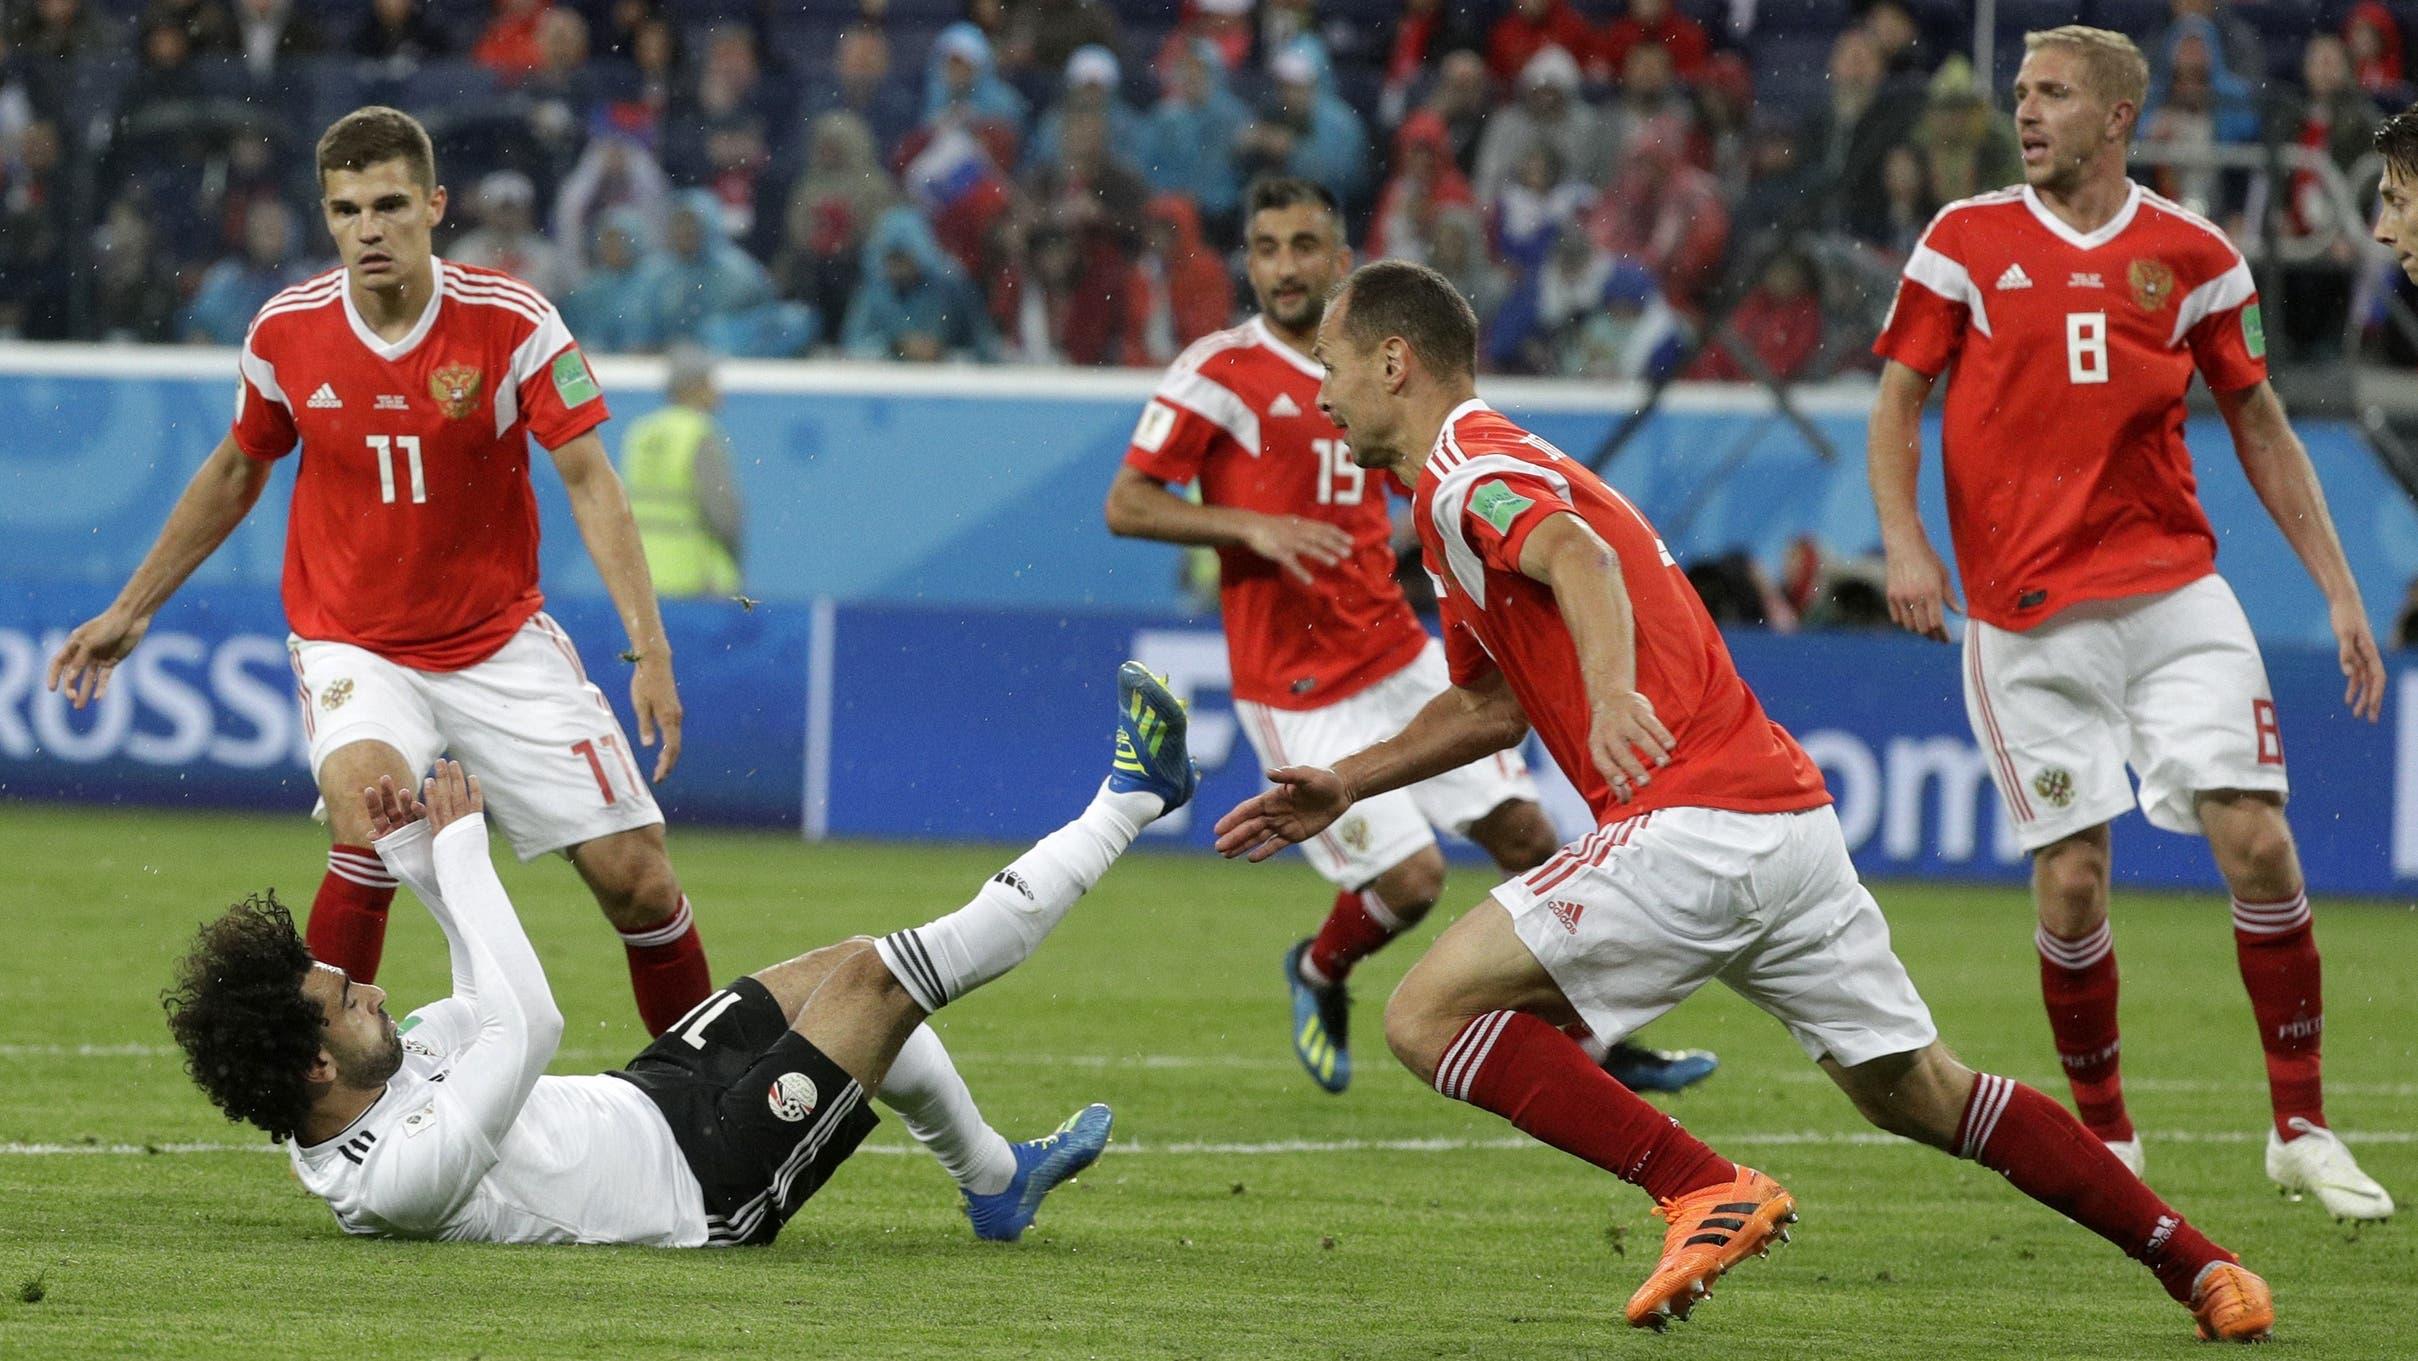 Die Ägypter (hier Mohamed Salah) mussten gegen Russland in der zweiten Halbzeit deutlich unten durch.